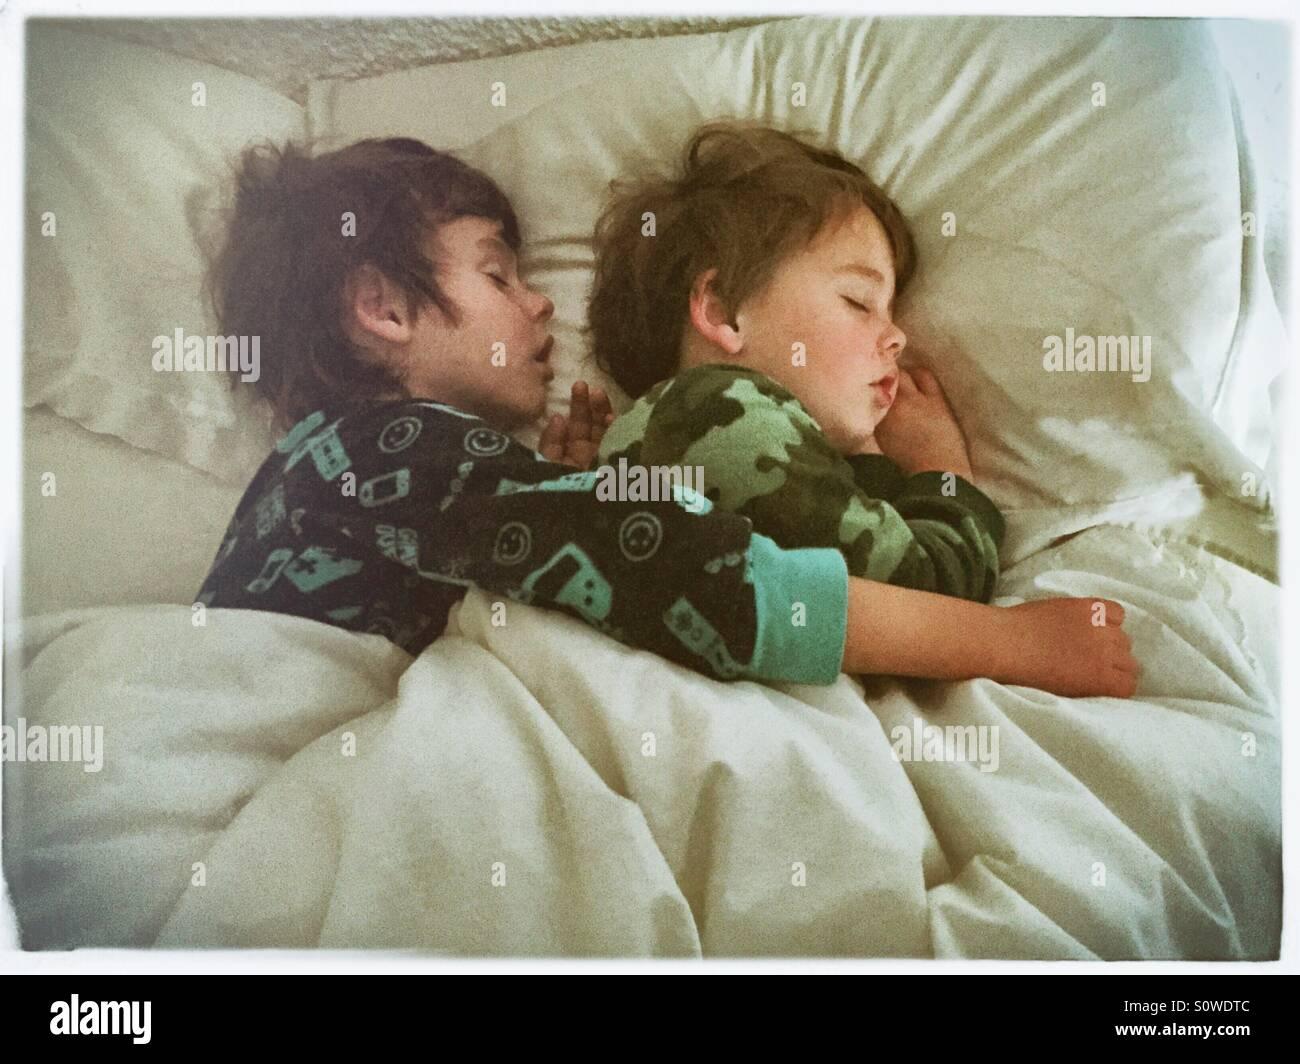 Fratelli dormire Immagini Stock